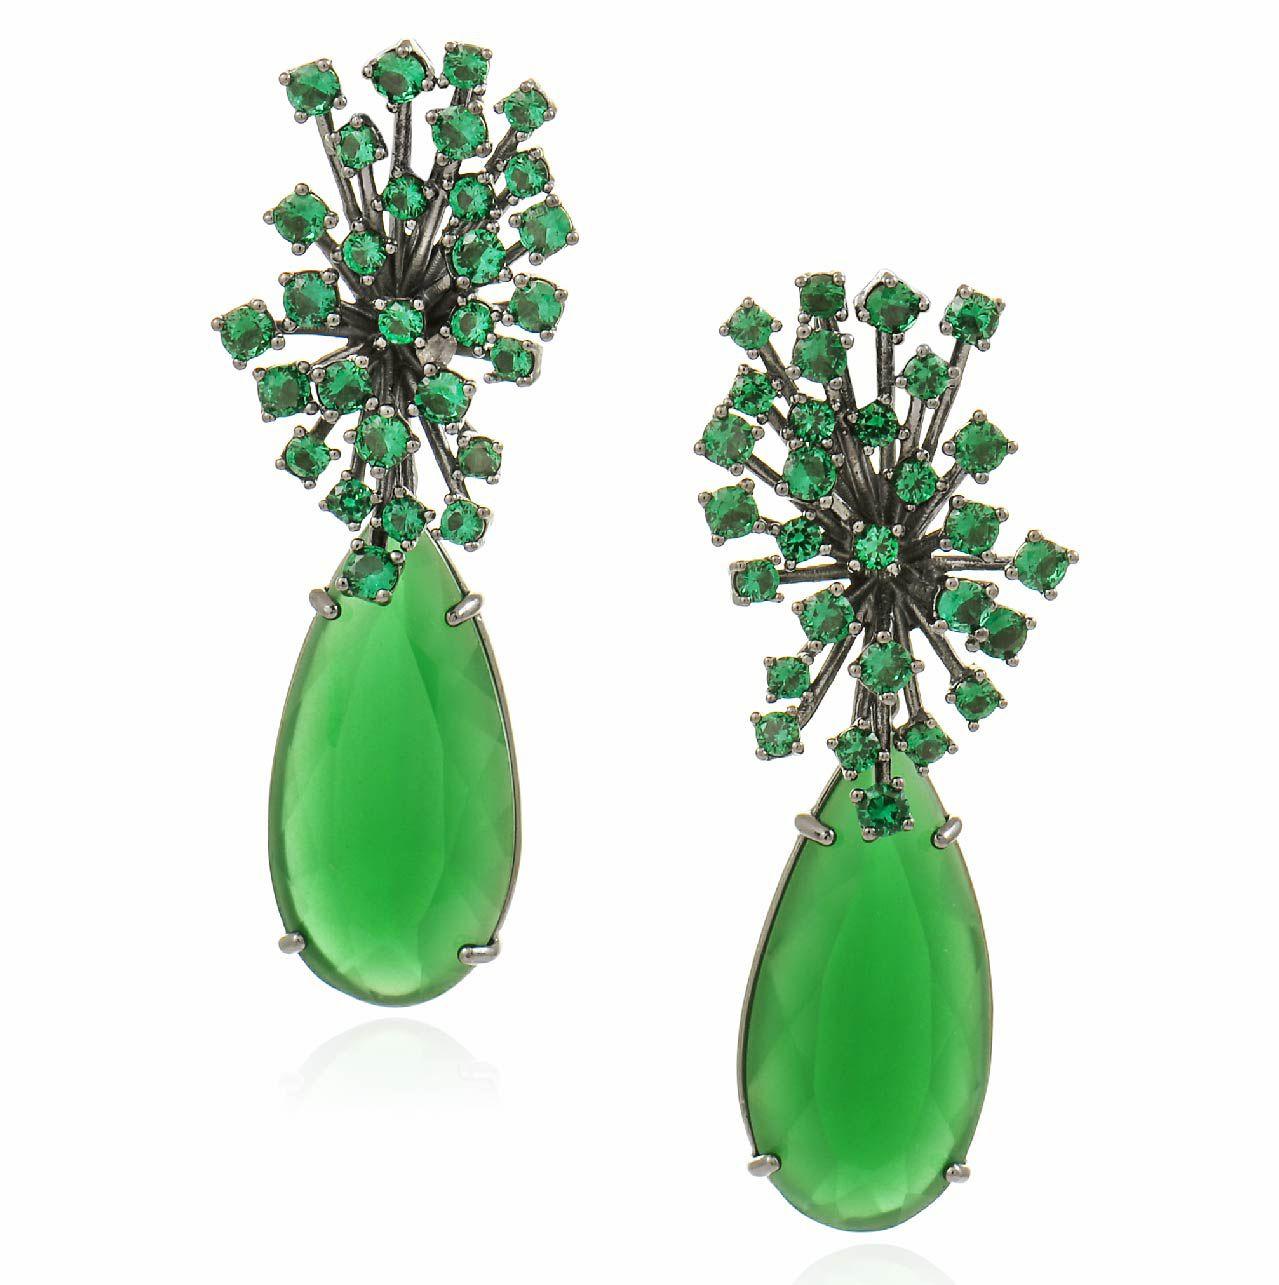 Brinco Afrodite gota em jade verde, folheado no ródio negro.